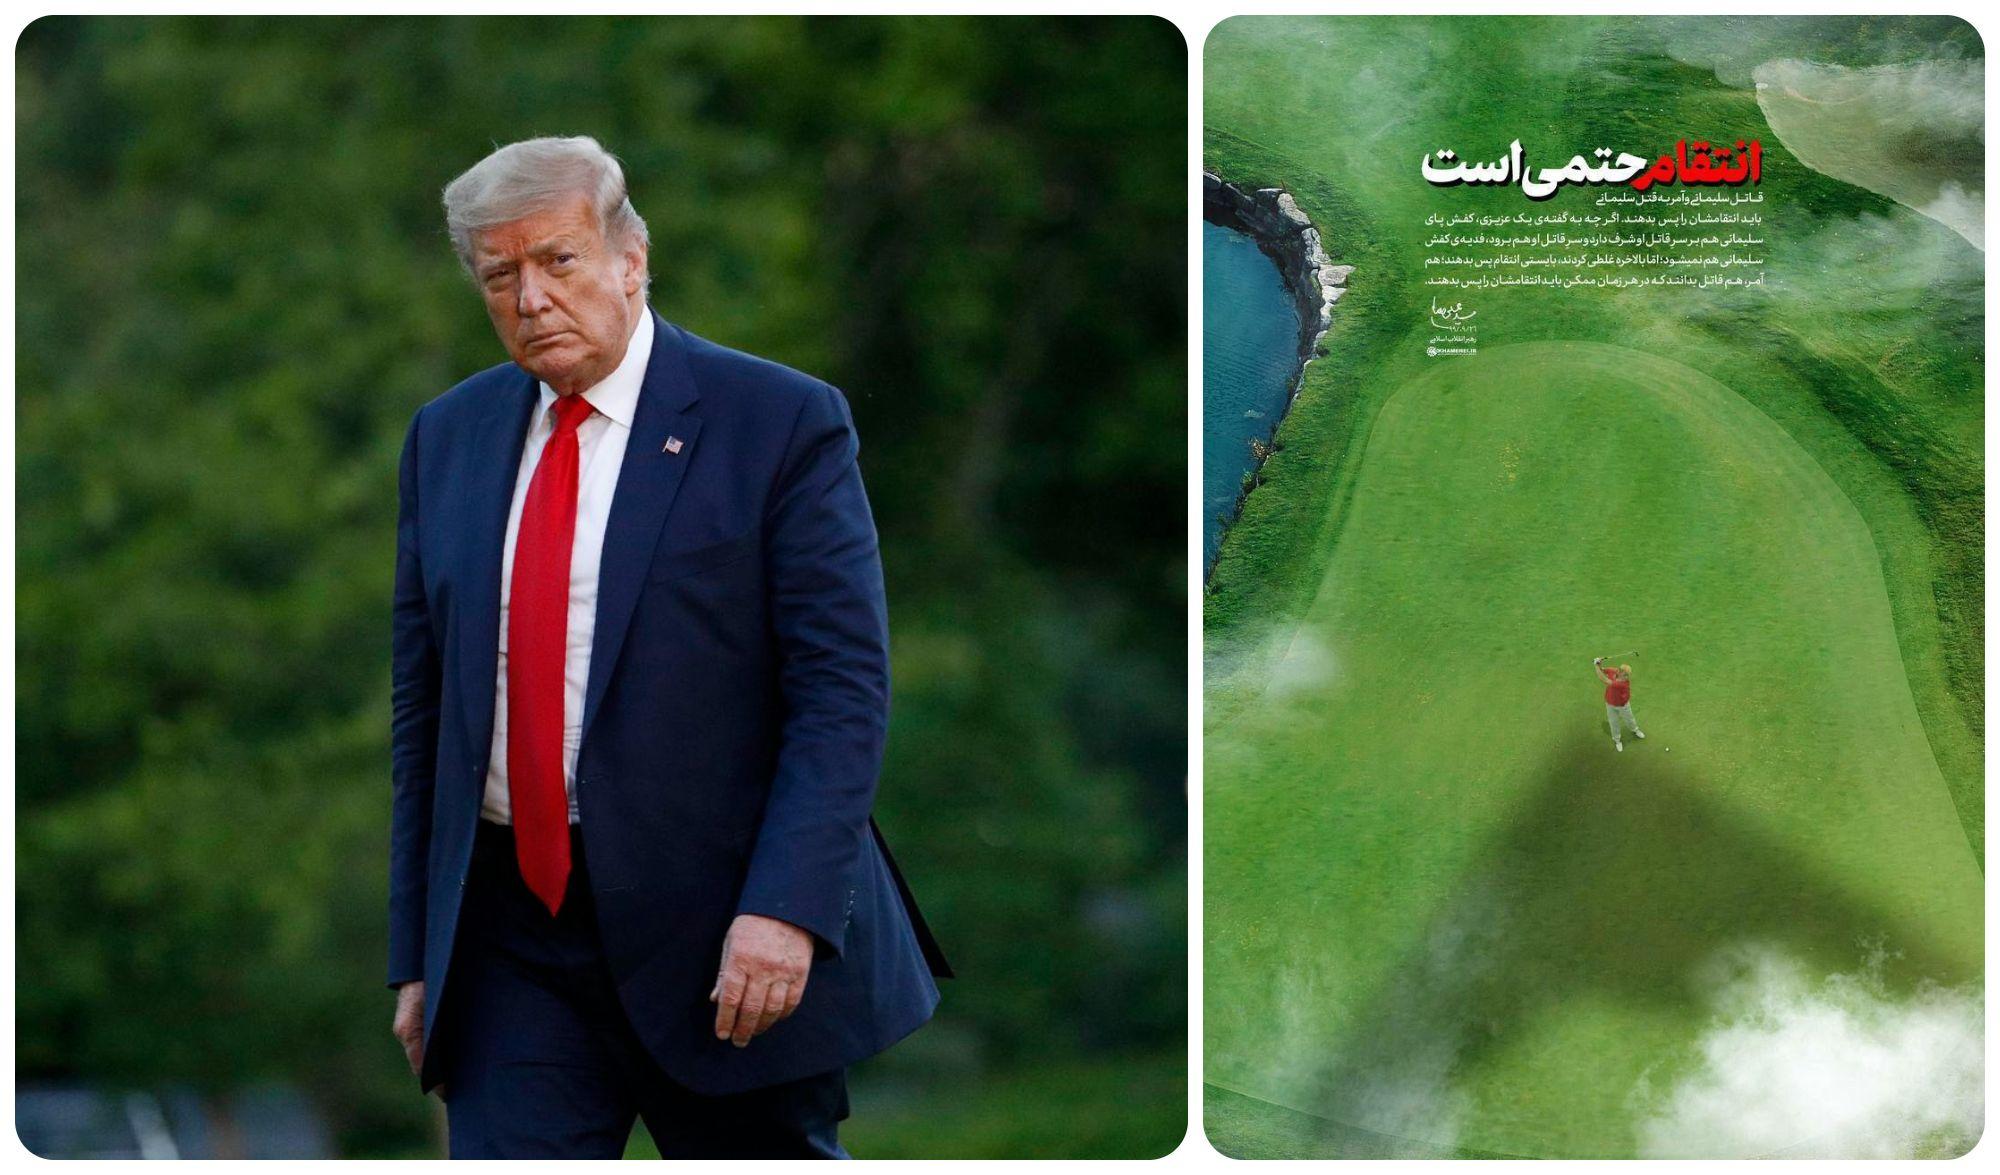 Vừa rời Nhà Trắng, ông Trump đã bị lãnh đạo nước khác dọa trả thù - 1